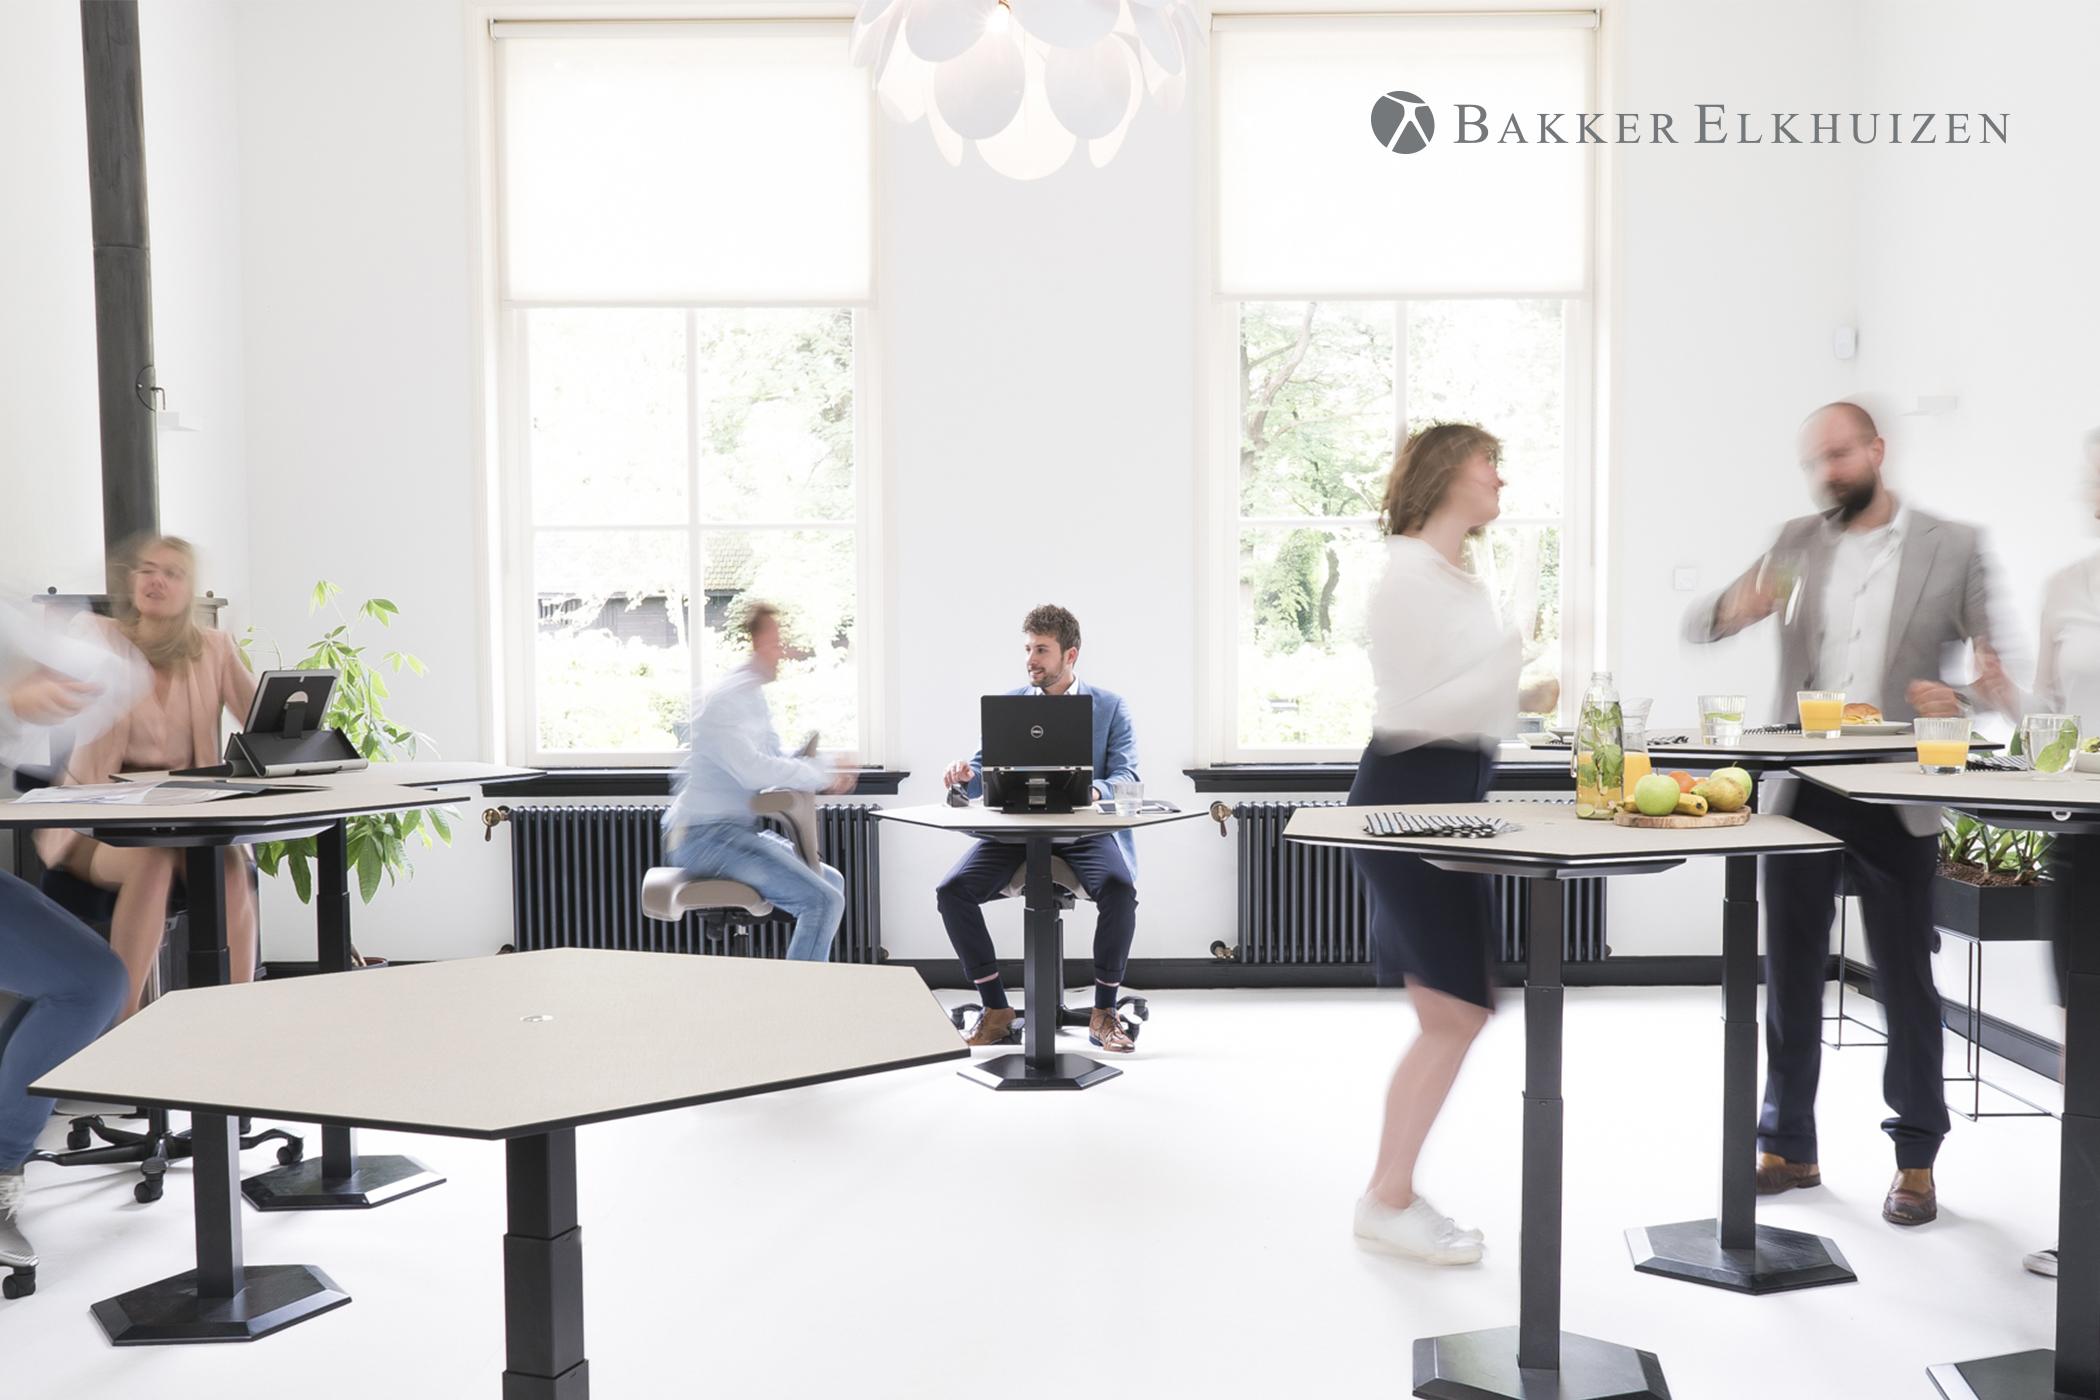 Altezza Banco Di Lavoro Ergonomia : Bakker elkhuizen soluzioni ergonomiche al computer acm